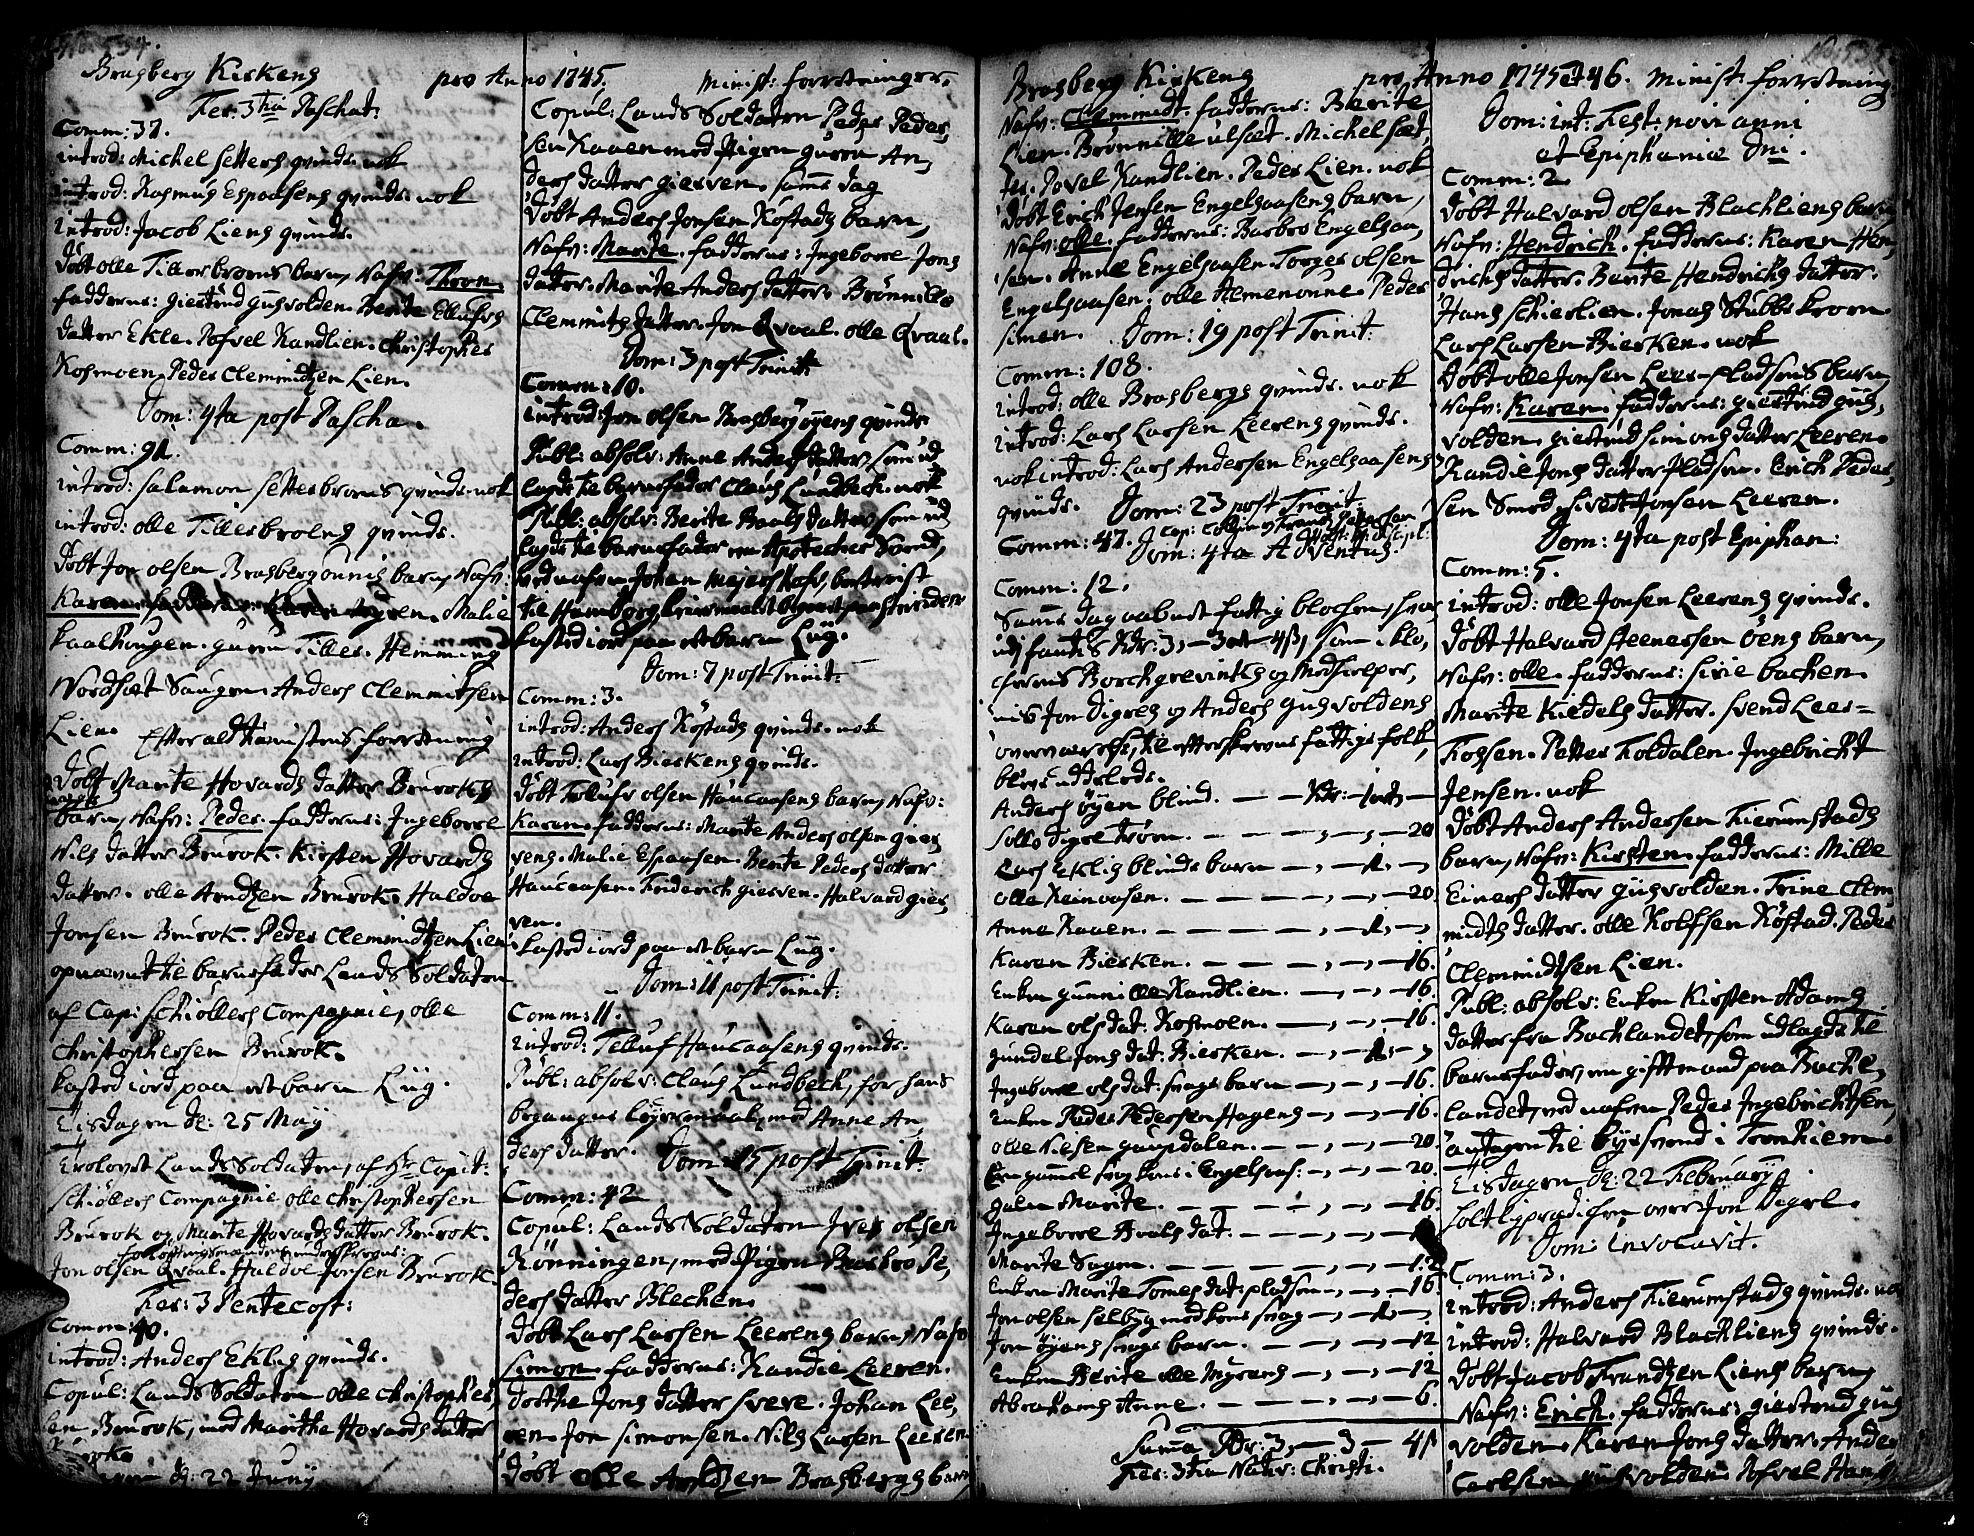 SAT, Ministerialprotokoller, klokkerbøker og fødselsregistre - Sør-Trøndelag, 606/L0278: Ministerialbok nr. 606A01 /4, 1727-1780, s. 534-535